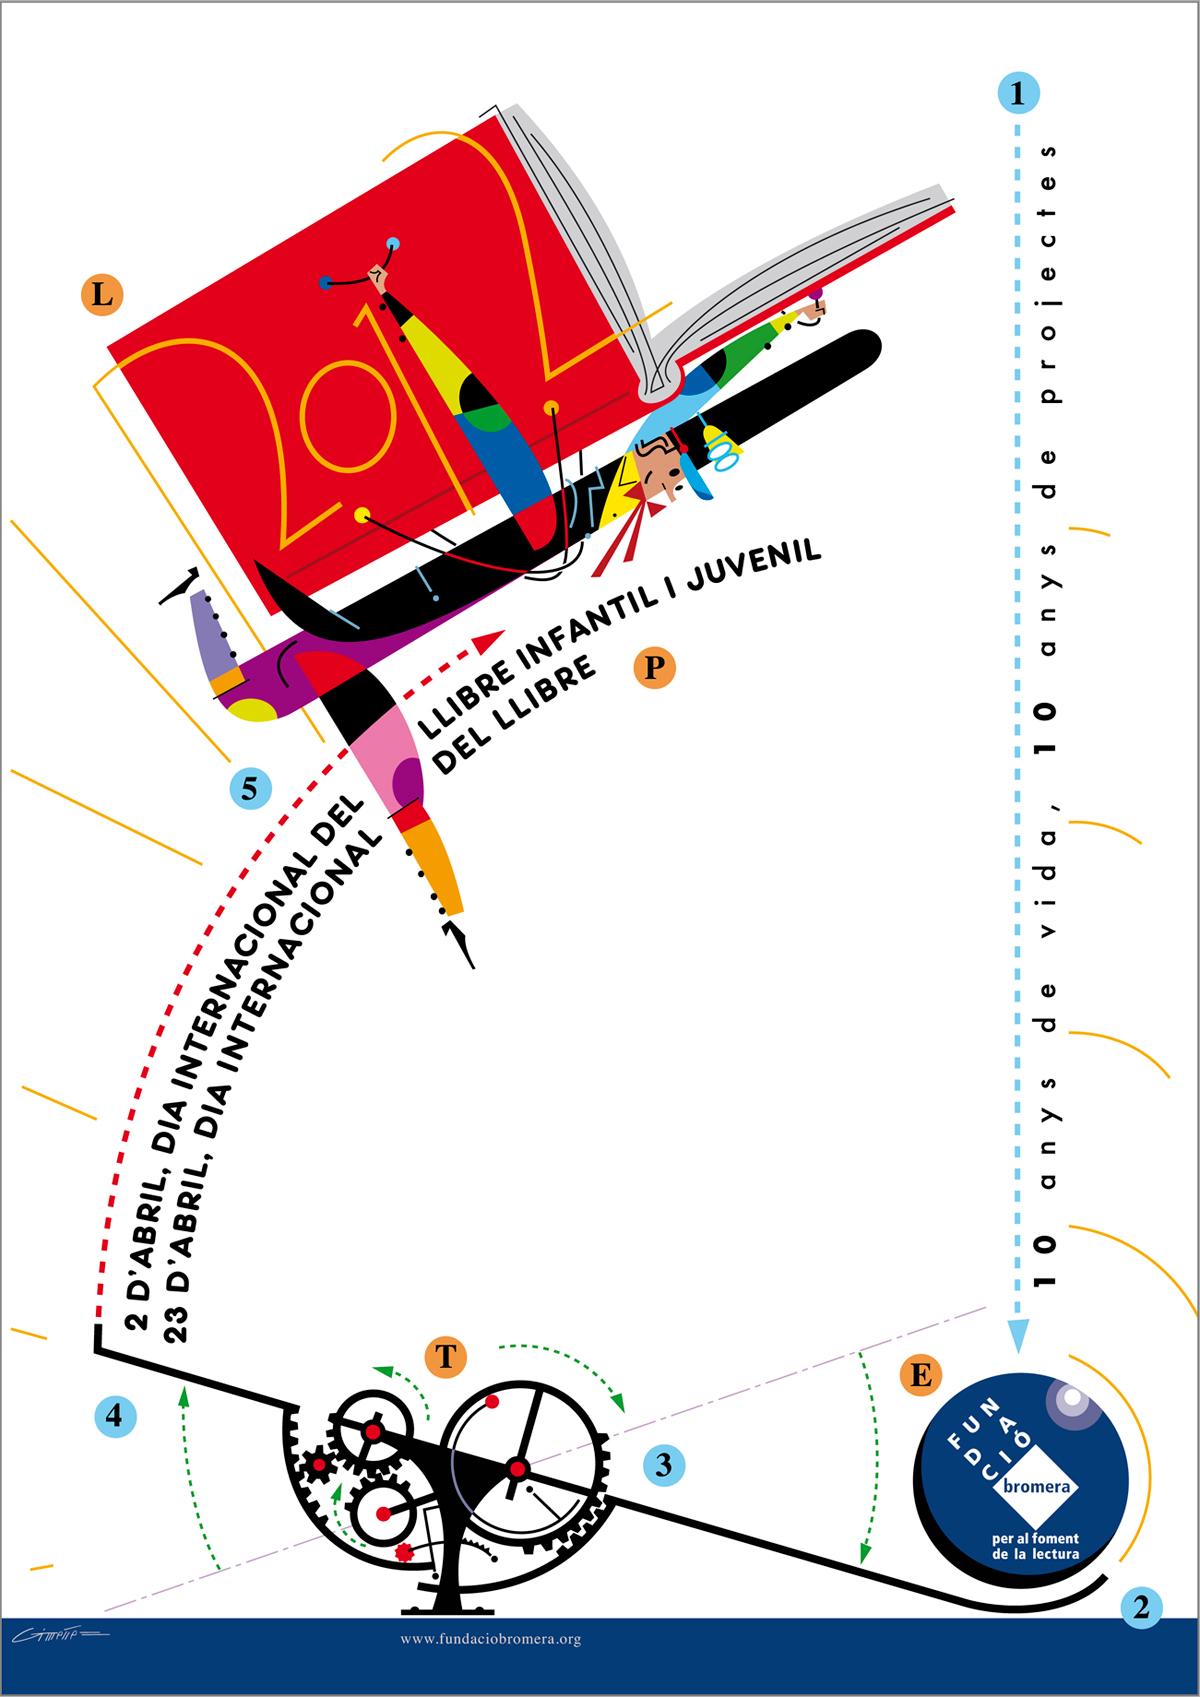 cartell Dia internacional del llibre infantil i juvenil, 10 anys de Fundació Bromera, disseny Paco Giménez